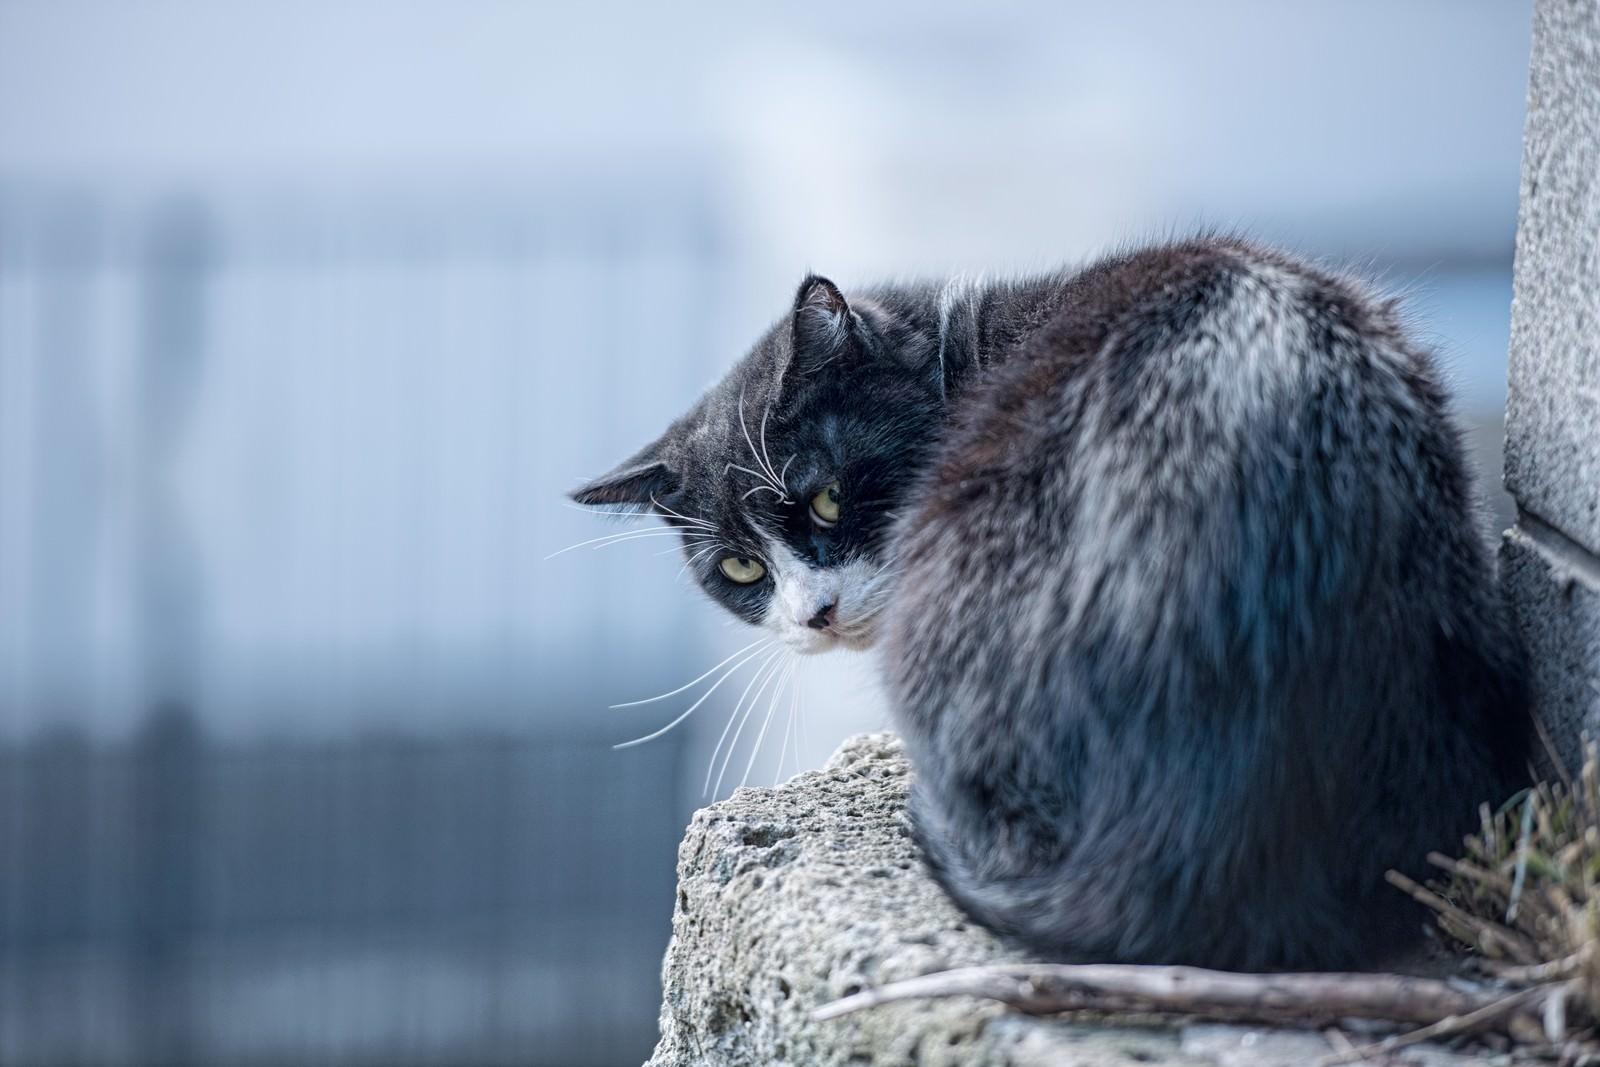 「後ろを気にする猫後ろを気にする猫」のフリー写真素材を拡大